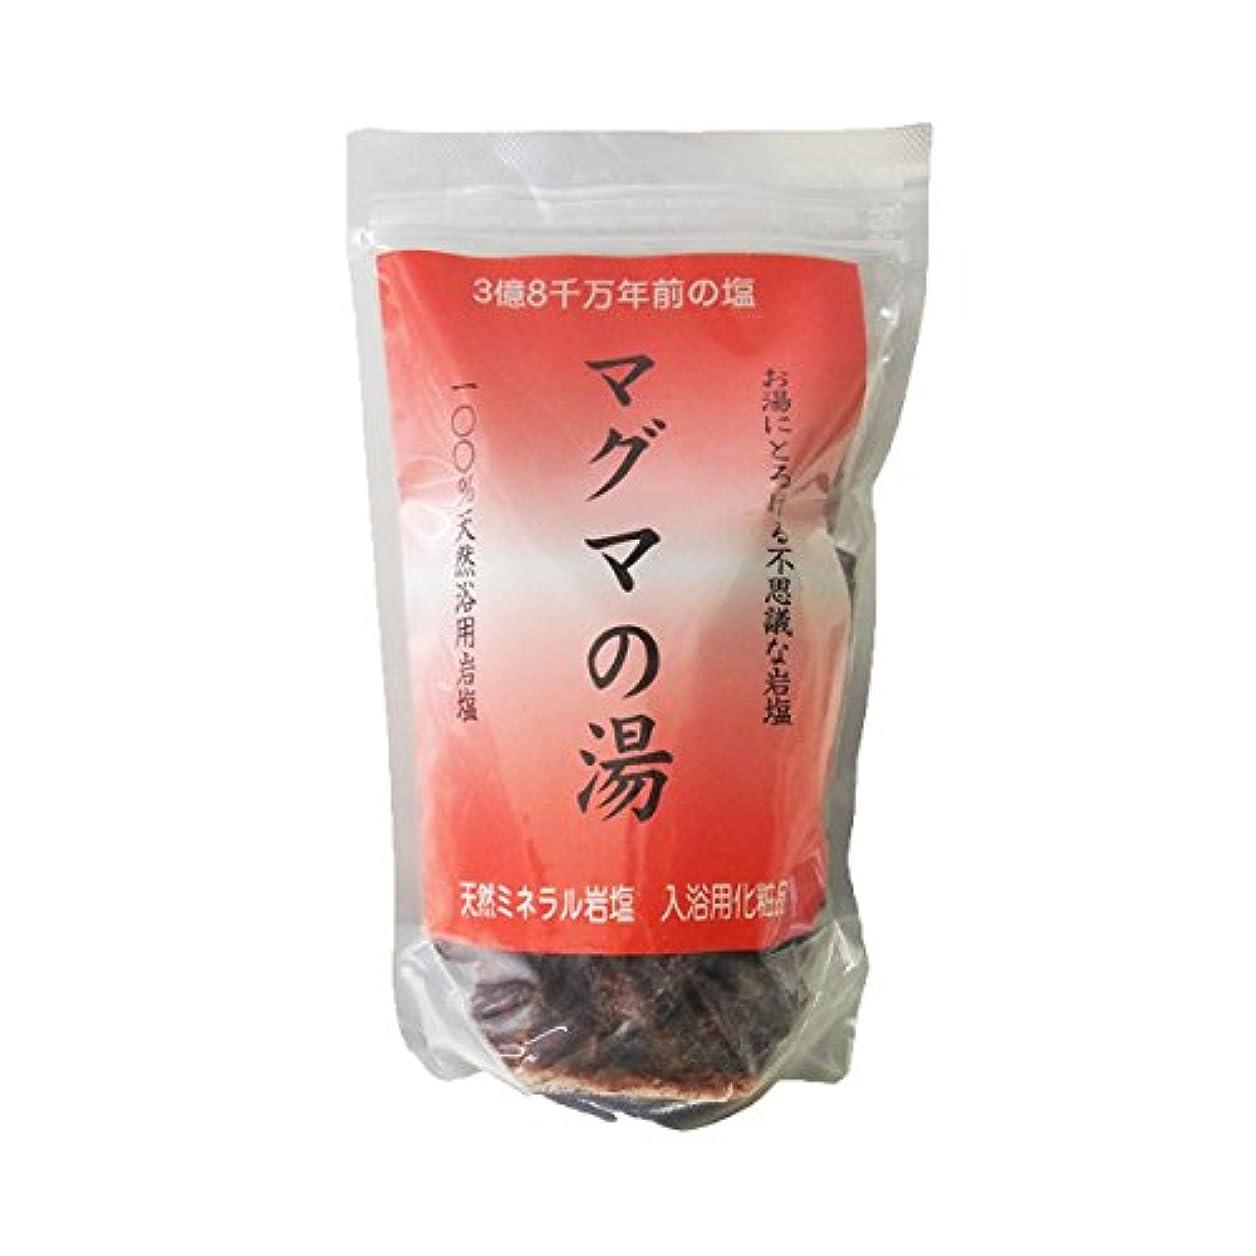 マグマの湯 PAT-N 1kg